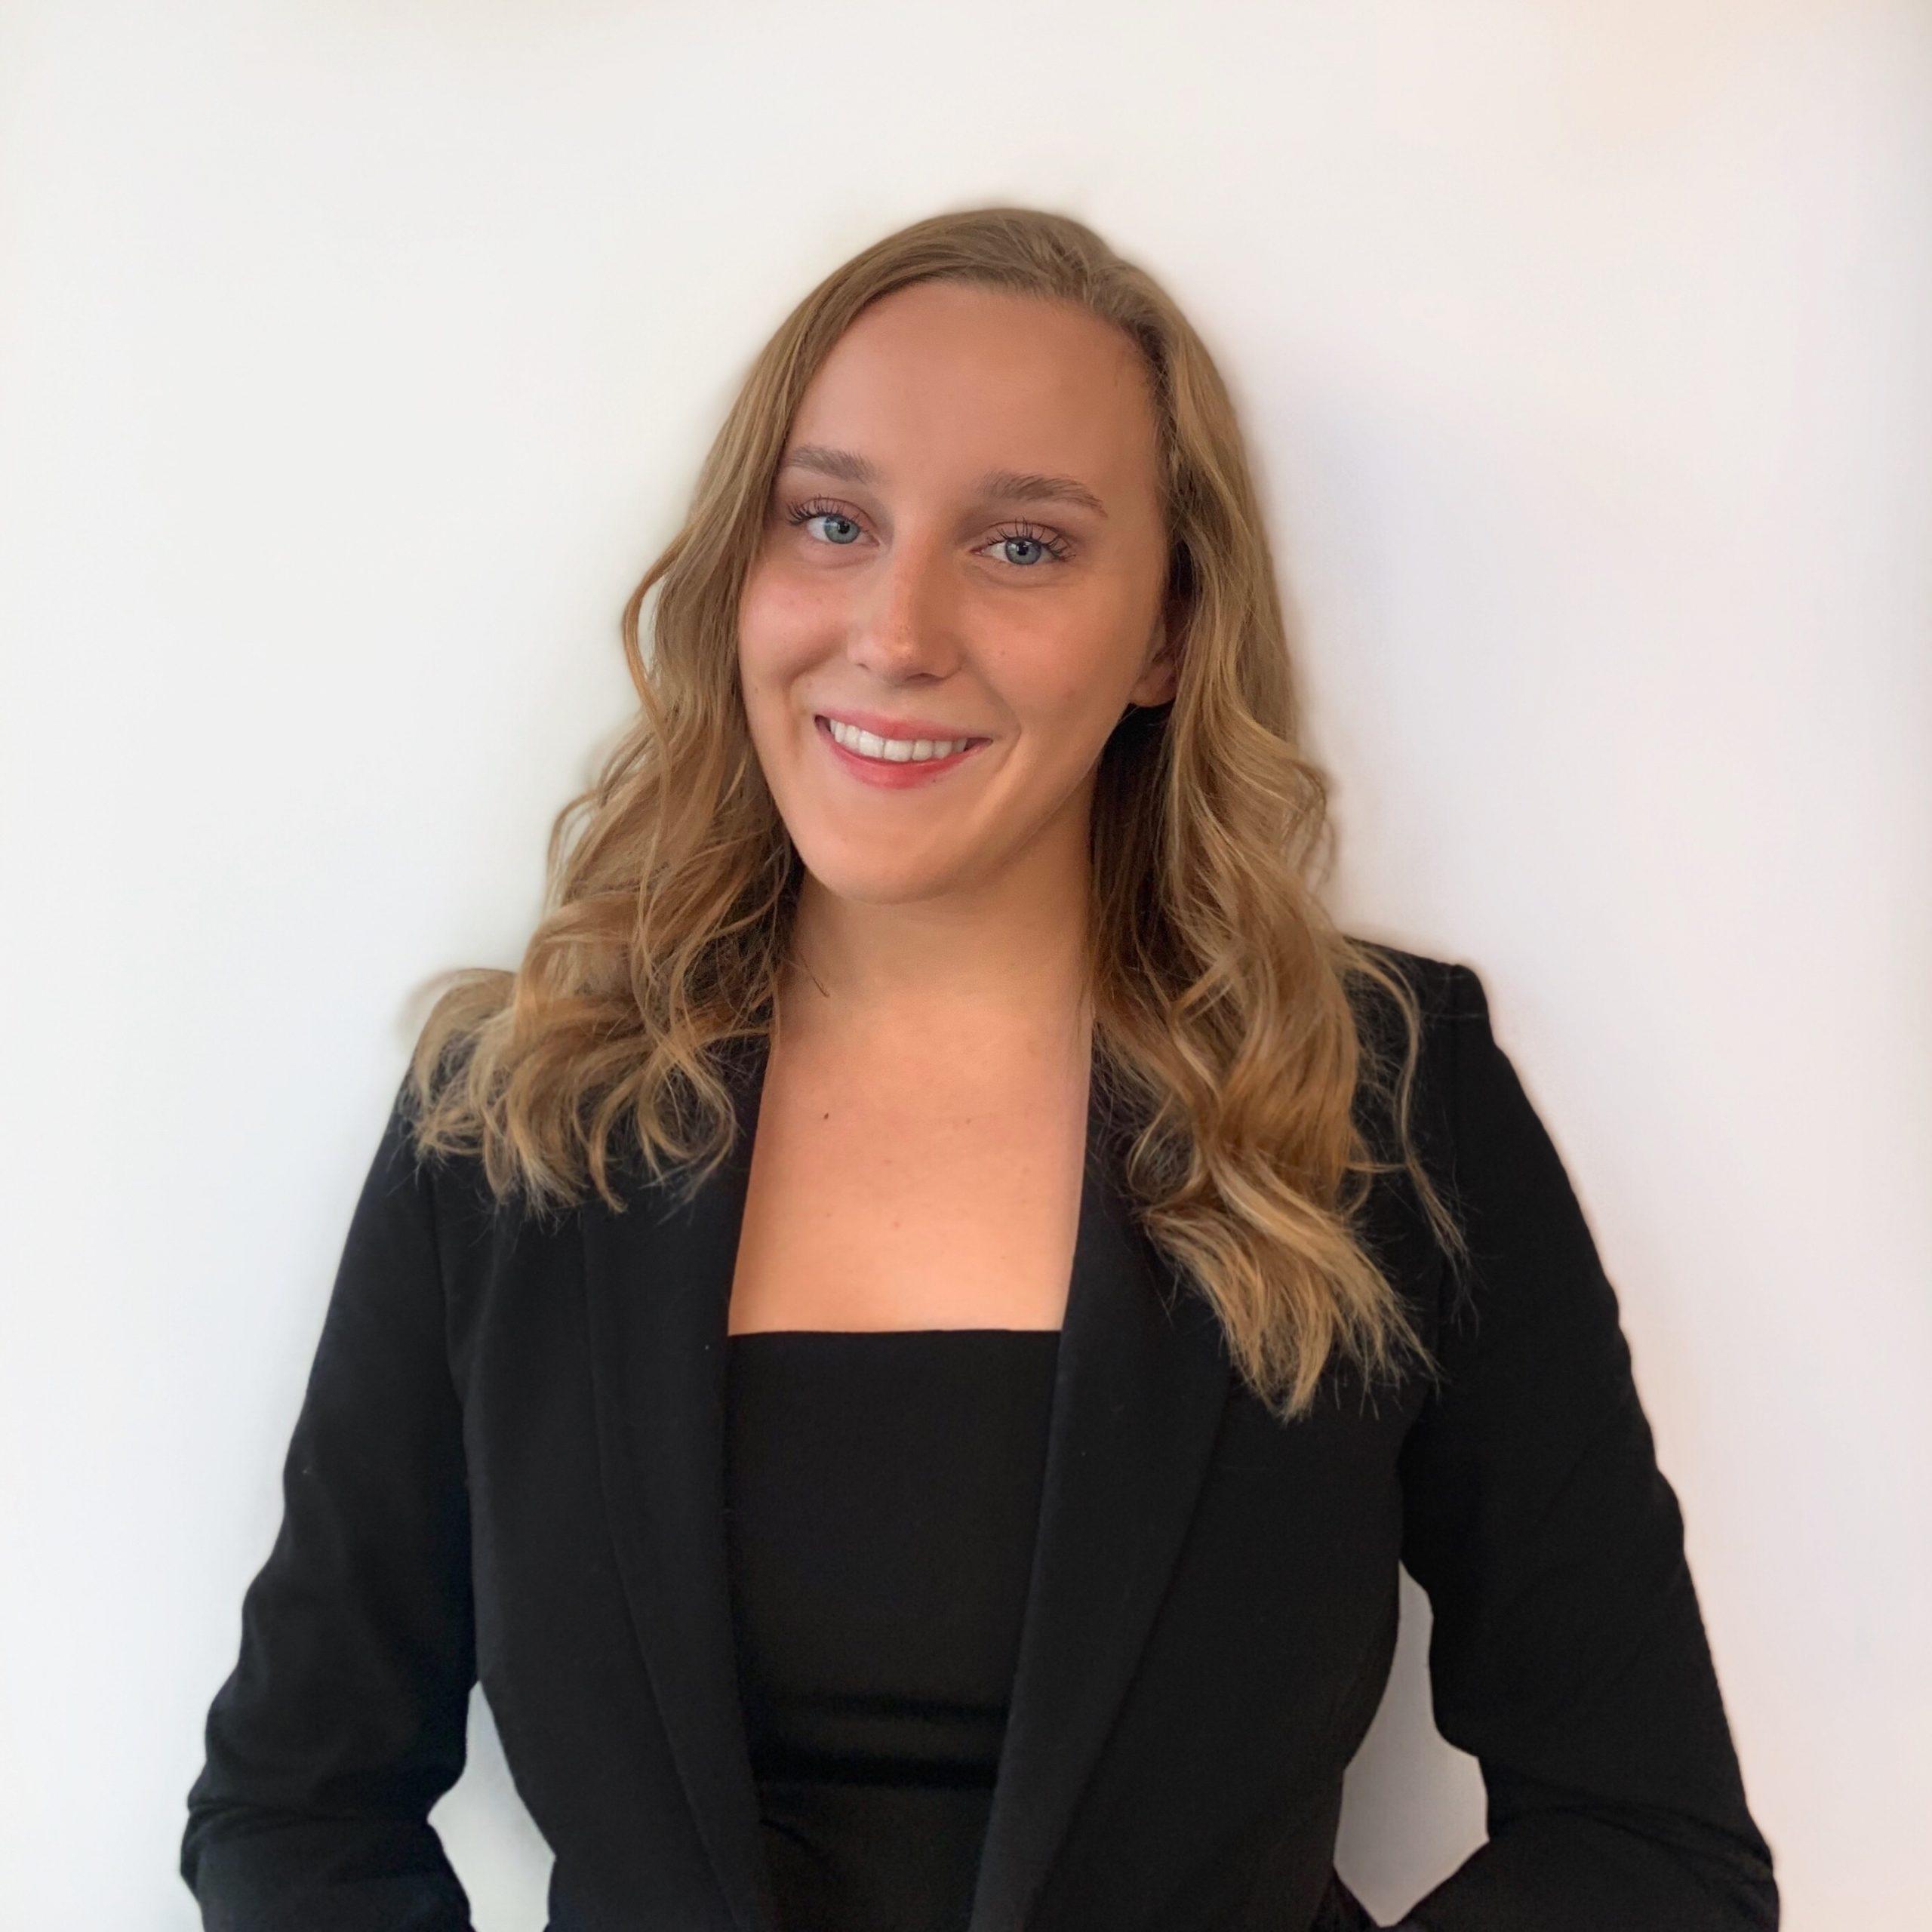 Student Spotlight: Nicole Vander Doelen